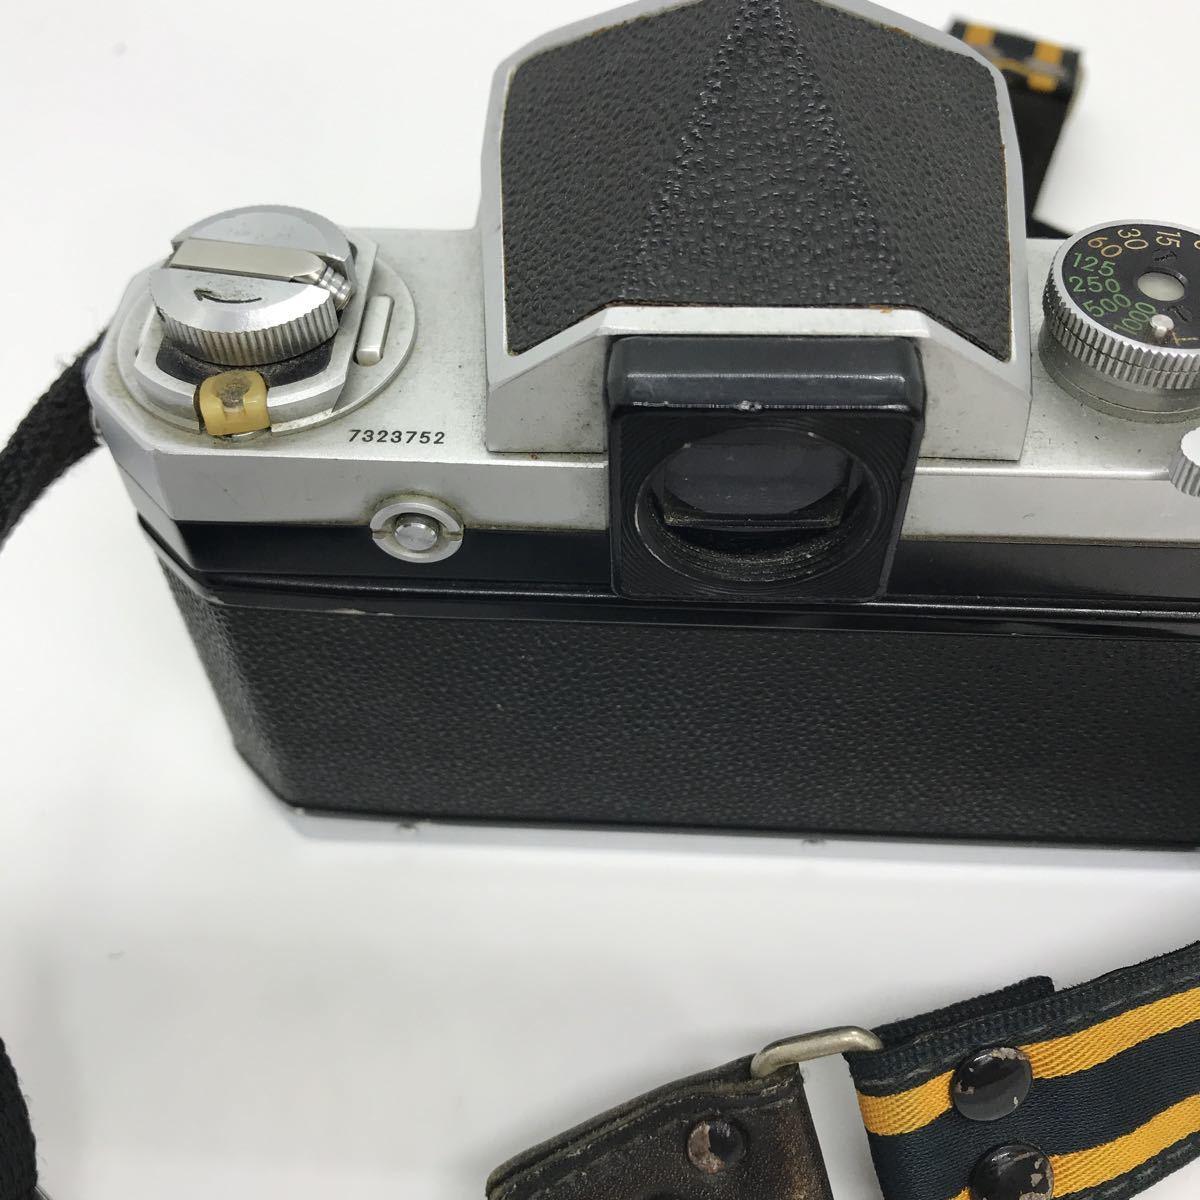 NIKON ニコン F 初期 アイレベル NIKKOR-S 1:1.4 50mm 一眼レフカメラ_画像4